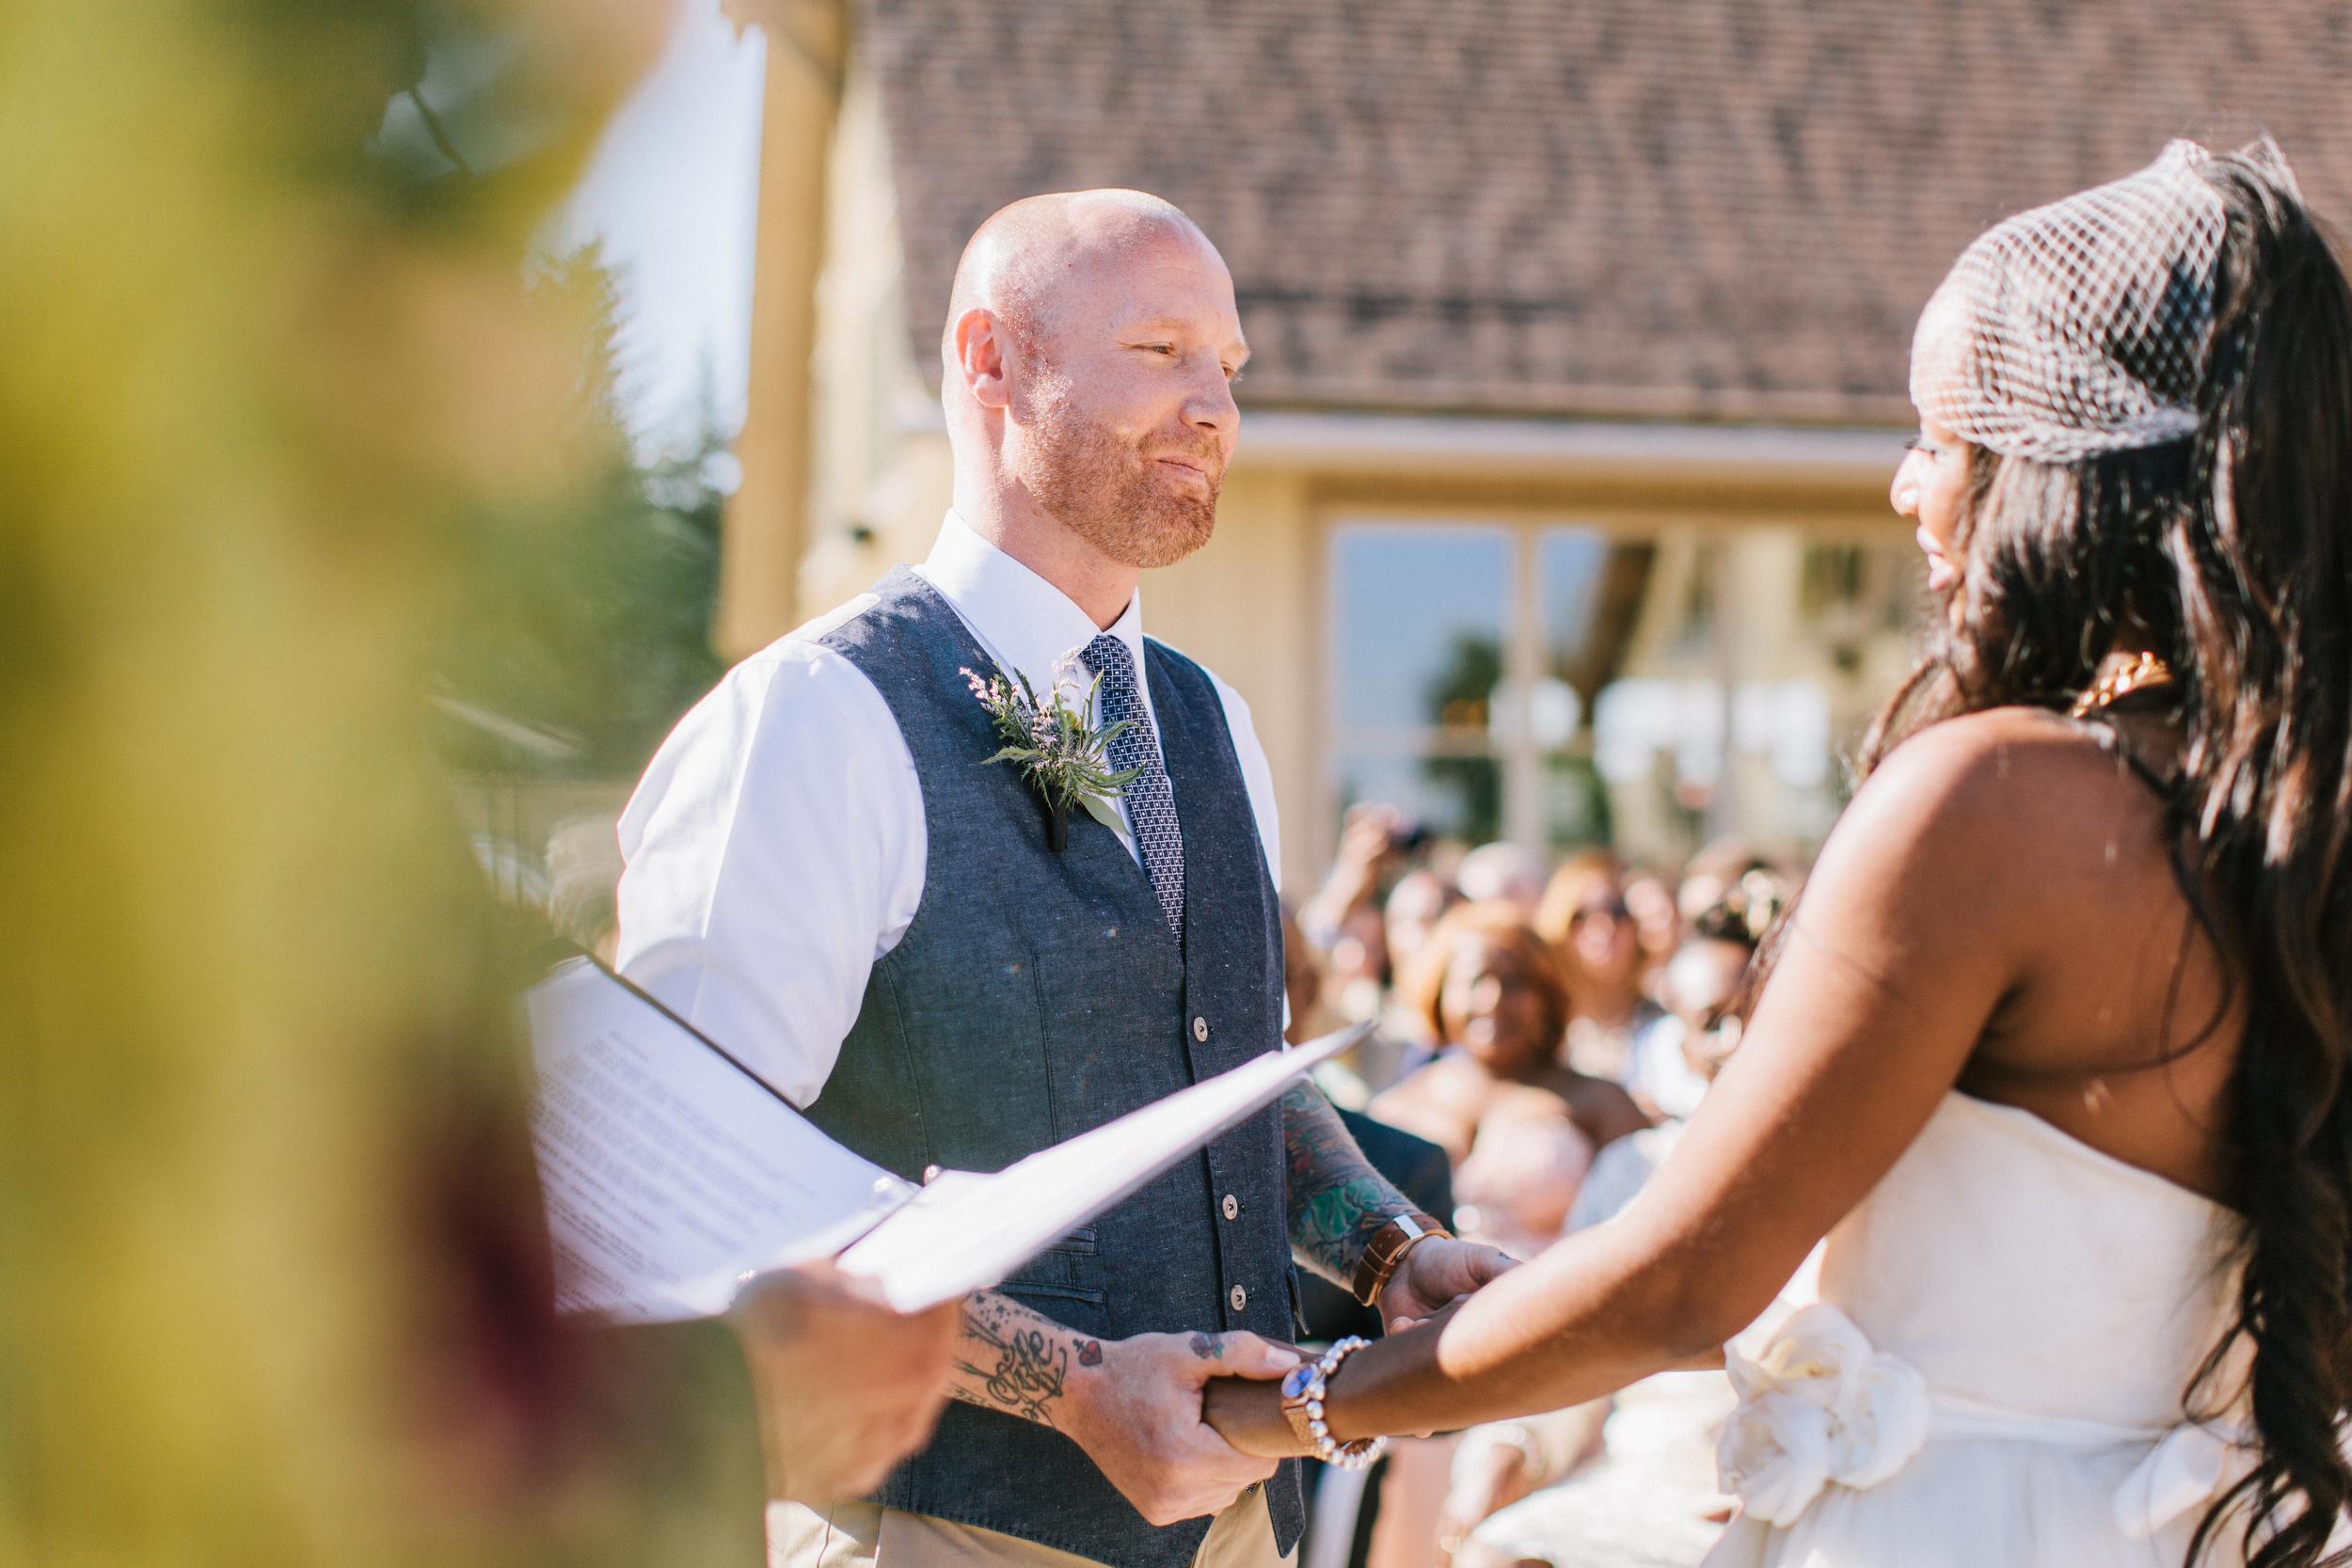 michael-rousseau-photography-shannae-ingleton-wedding-sean-craigleith-ski-club-wedding043.jpg